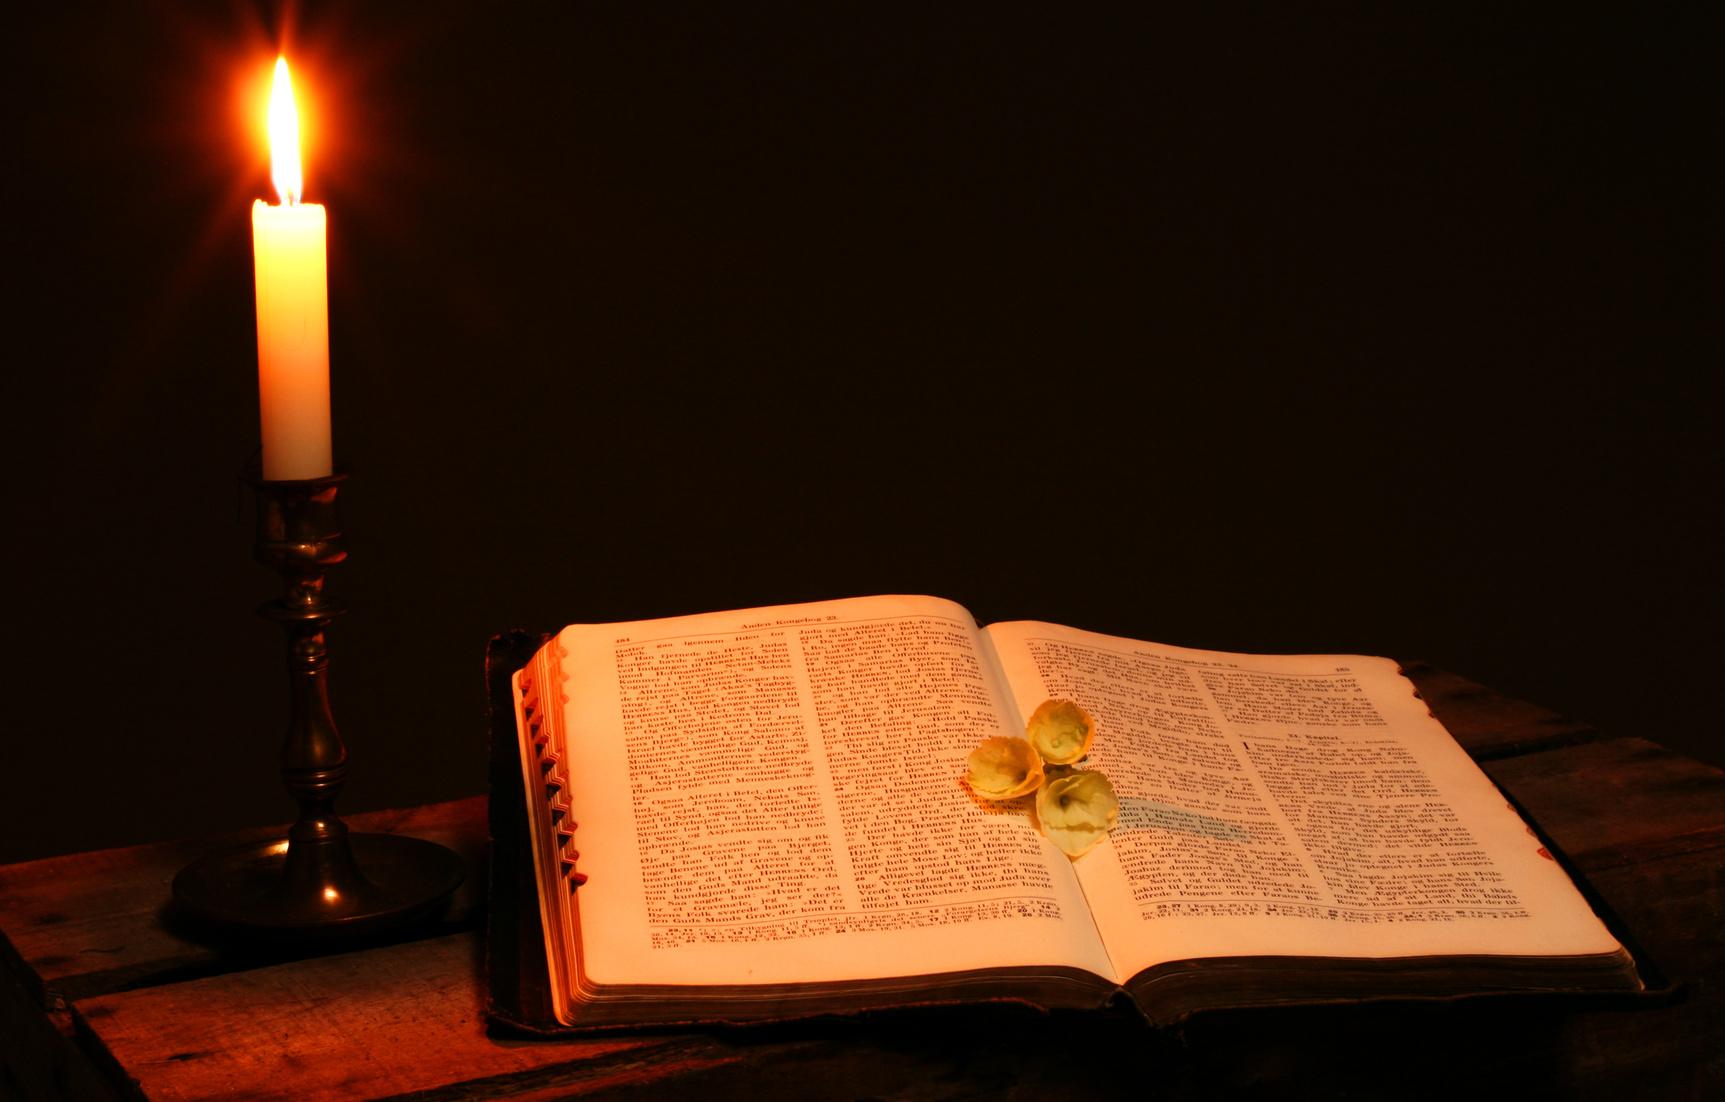 Los Dioses Paganos que Menciona la Biblia ¿no serían en Realidad Demonios?